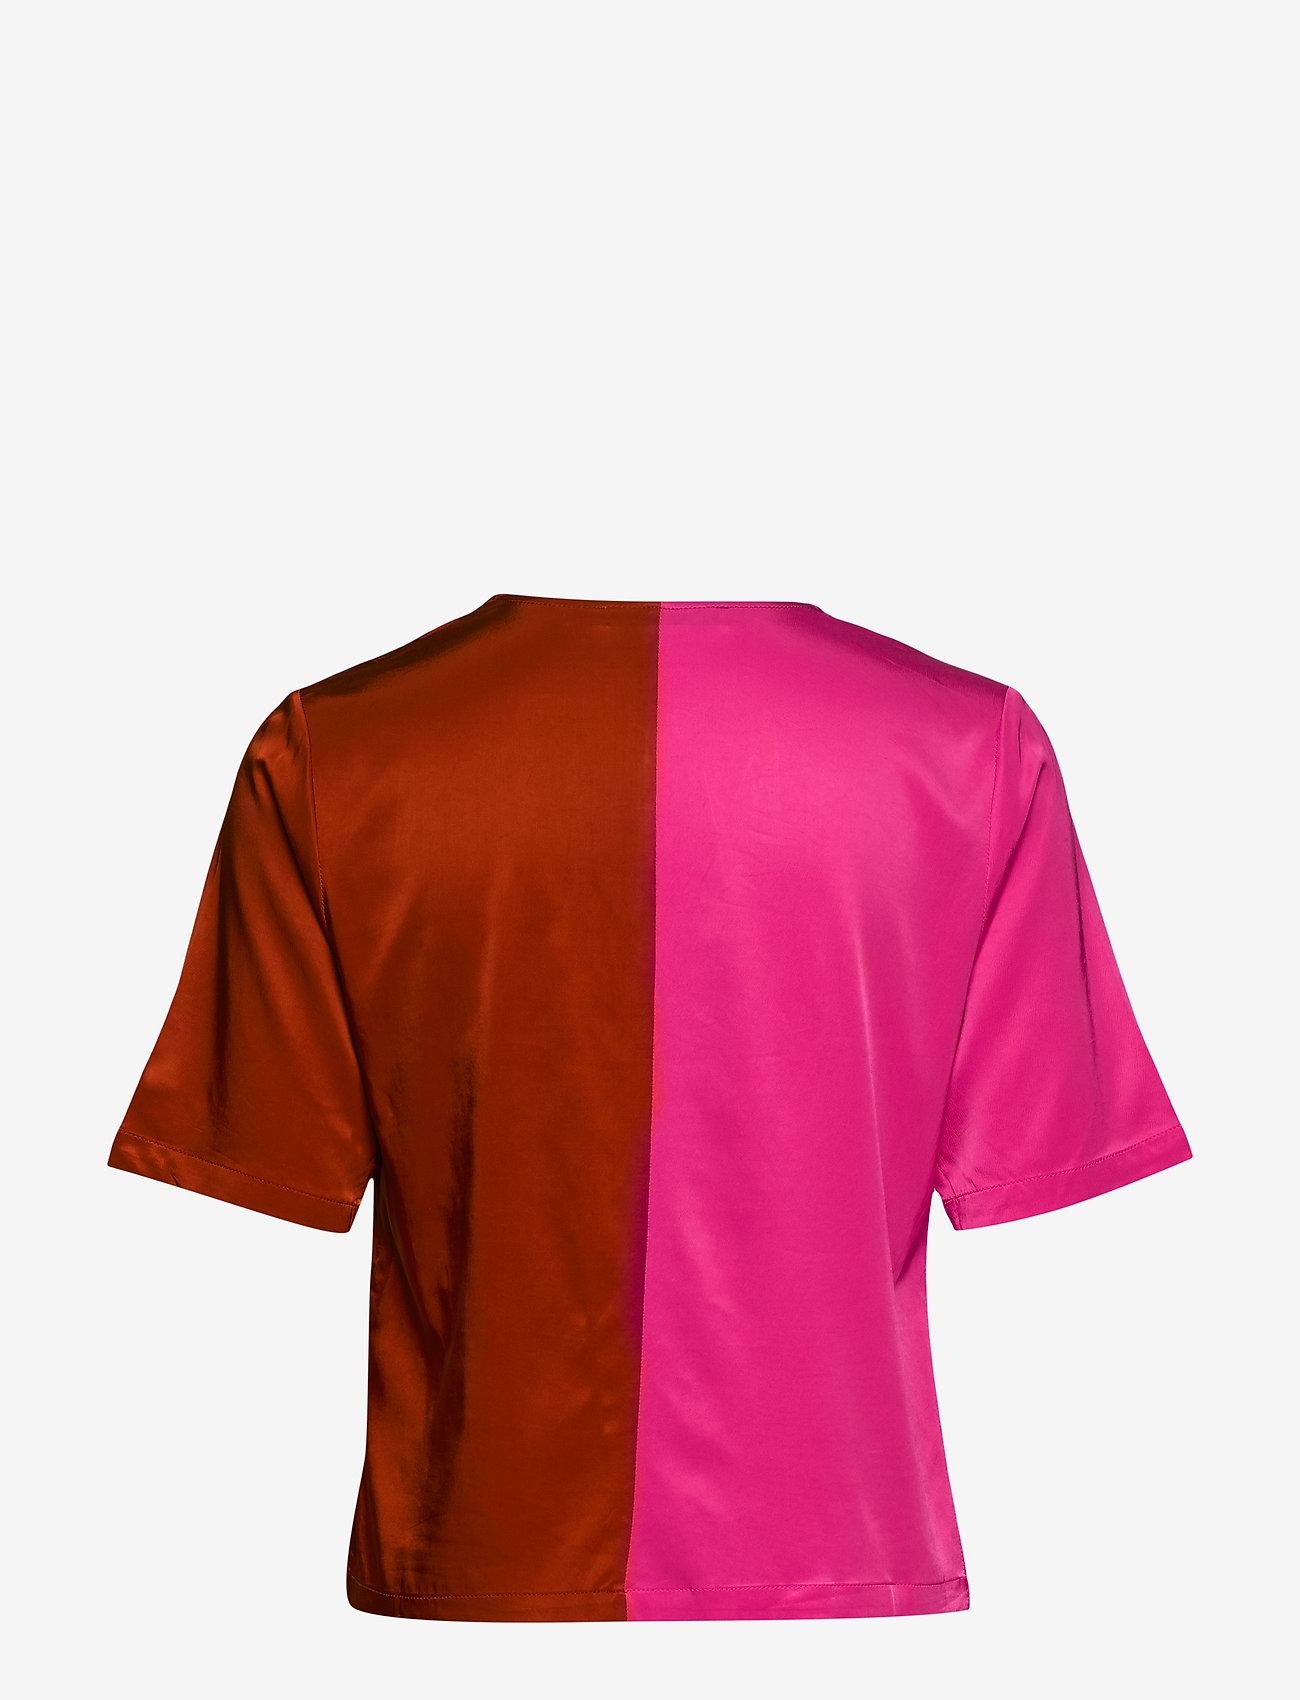 Sylviagz Shirt Ao19 (Rooibos Tea) - Gestuz fAVe9k